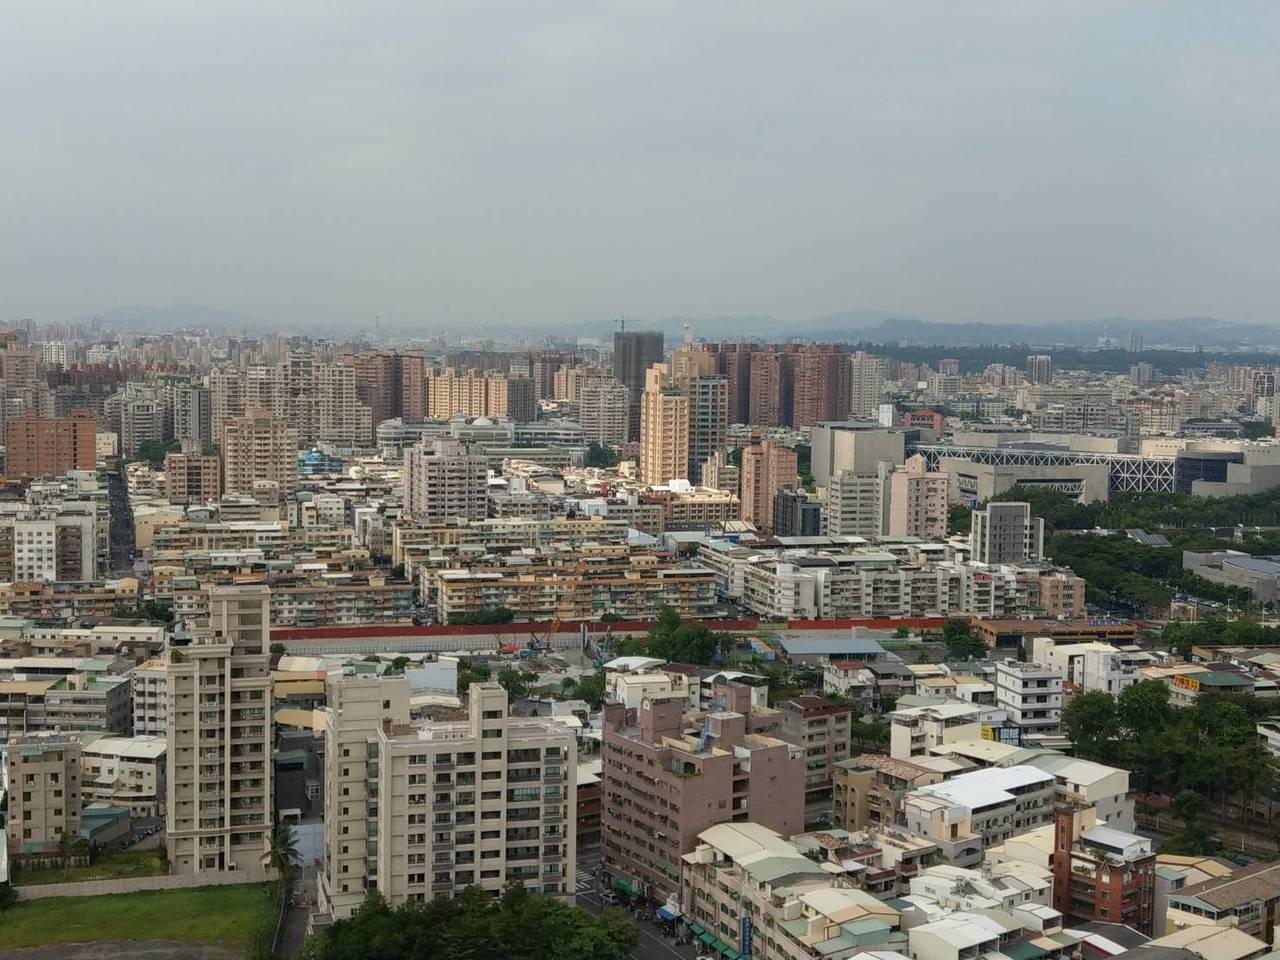 內政部表示,社會住宅興建預計明(2020)年底將超過四萬戶的第一階段目標,並已與...